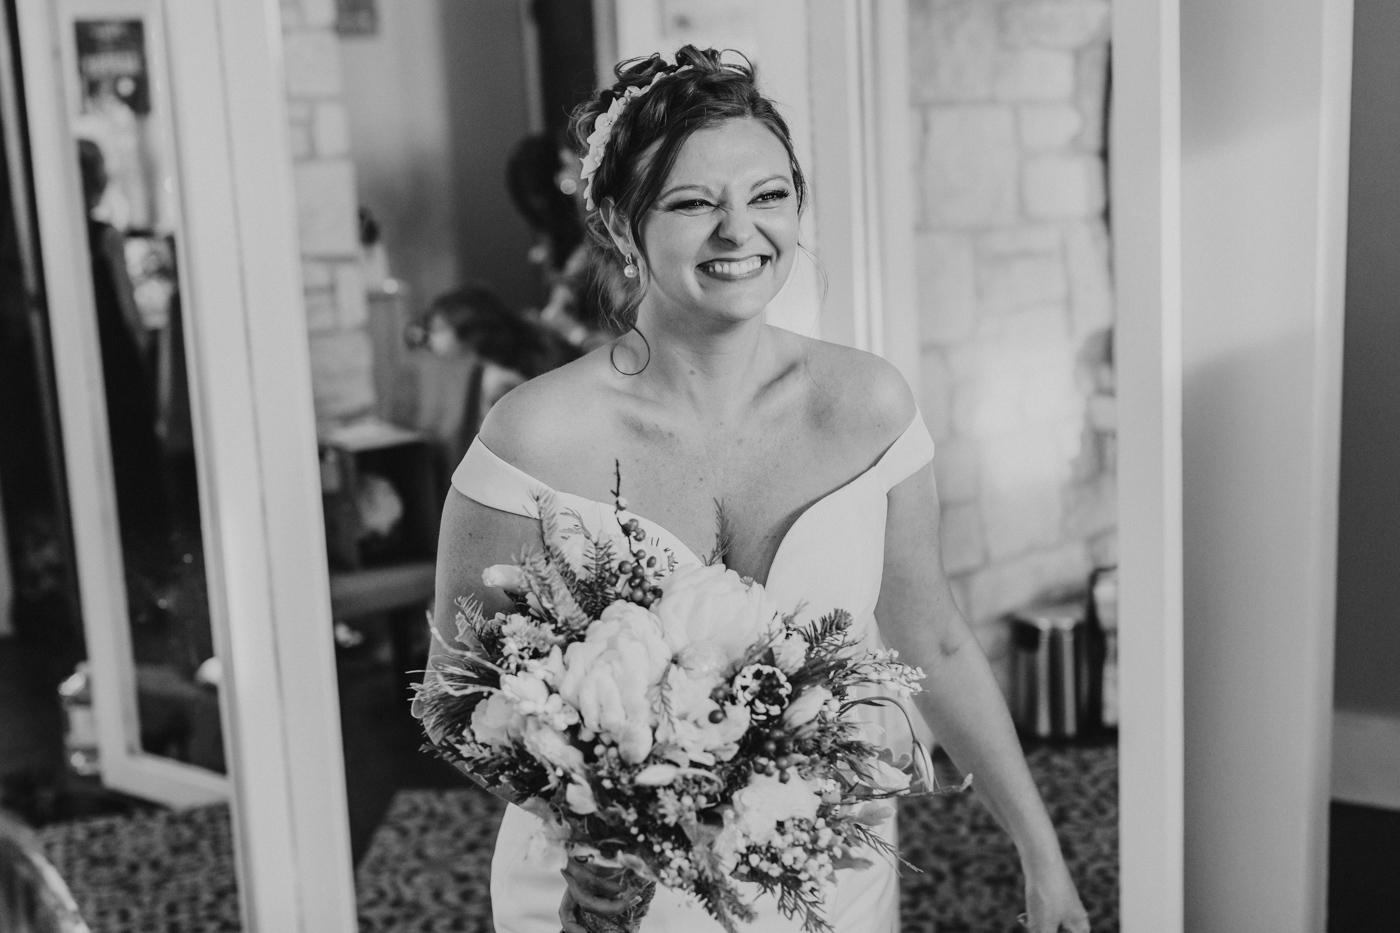 bride-smiles-in-her-wedding-dress